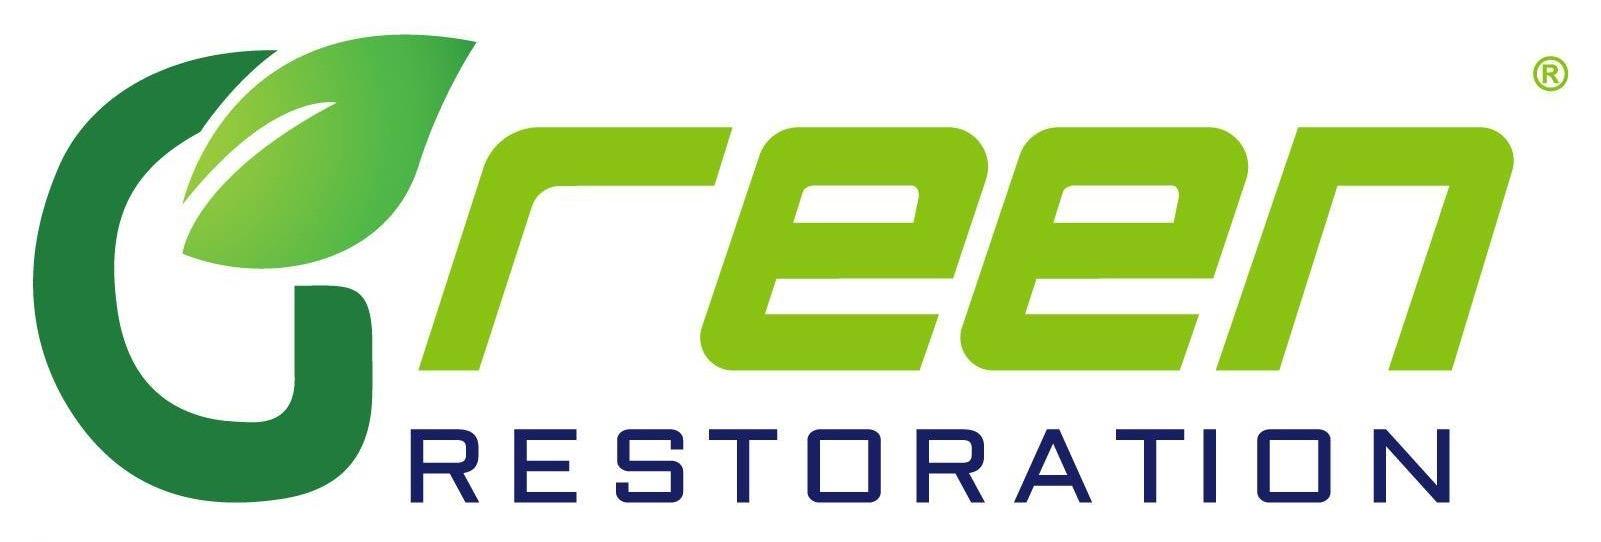 go-green-corp-logo